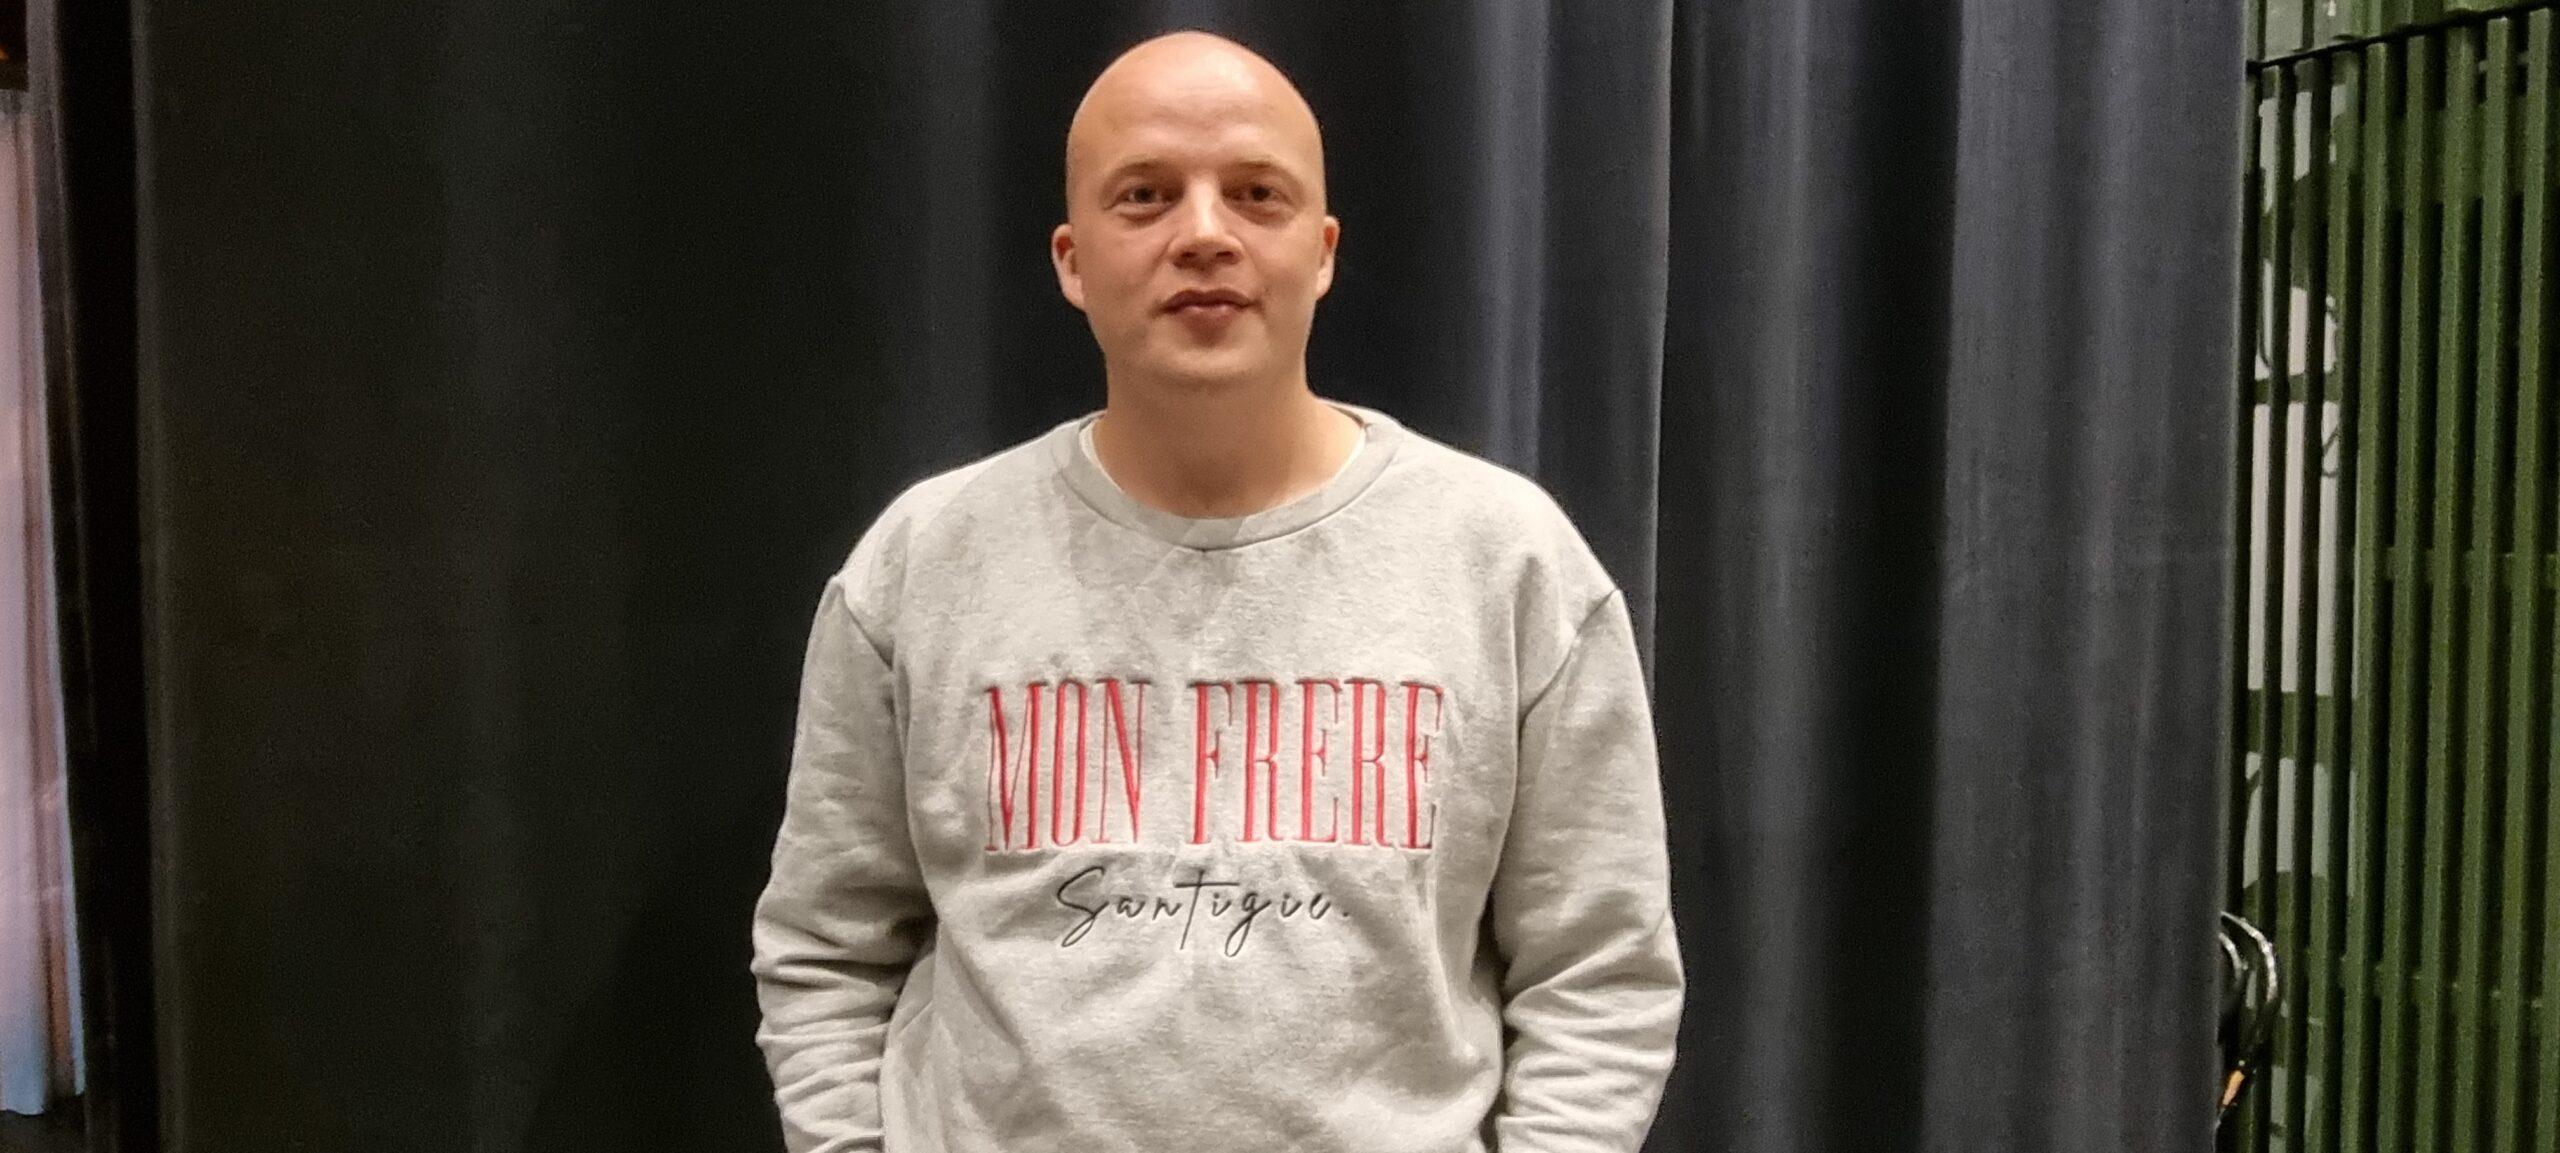 Albin är slätrakad i ansiktet och på huvudet, men i pjäsen bär han peruk. Han har en collegetröja med tryck och svarta jeans